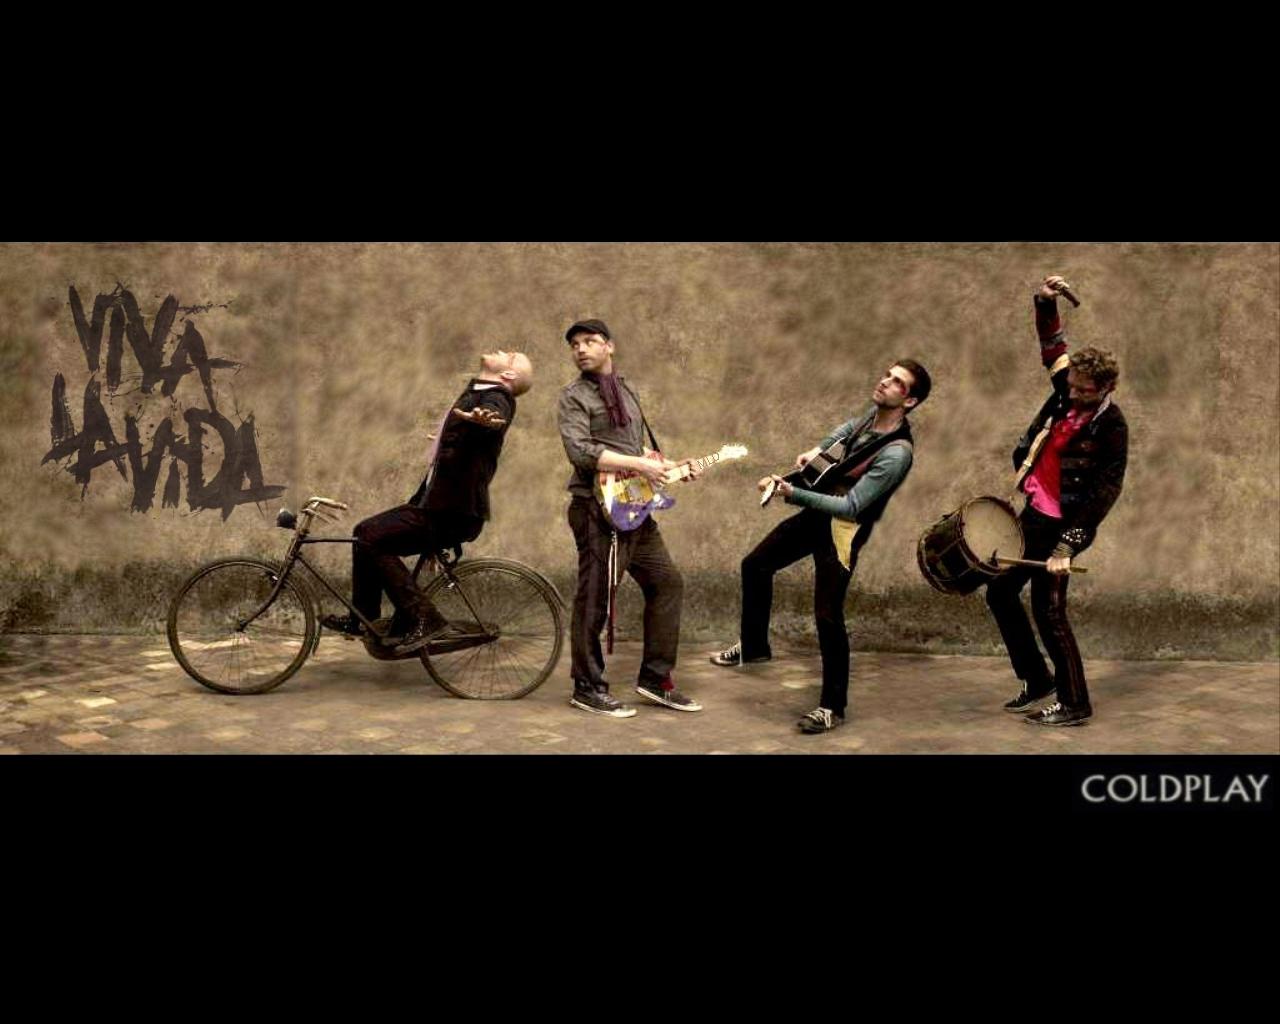 http://4.bp.blogspot.com/-MPj4tT0y2f8/TyWKLfFmdII/AAAAAAAAAfk/8ruUKryfkVo/s1600/Coldplay1.jpg